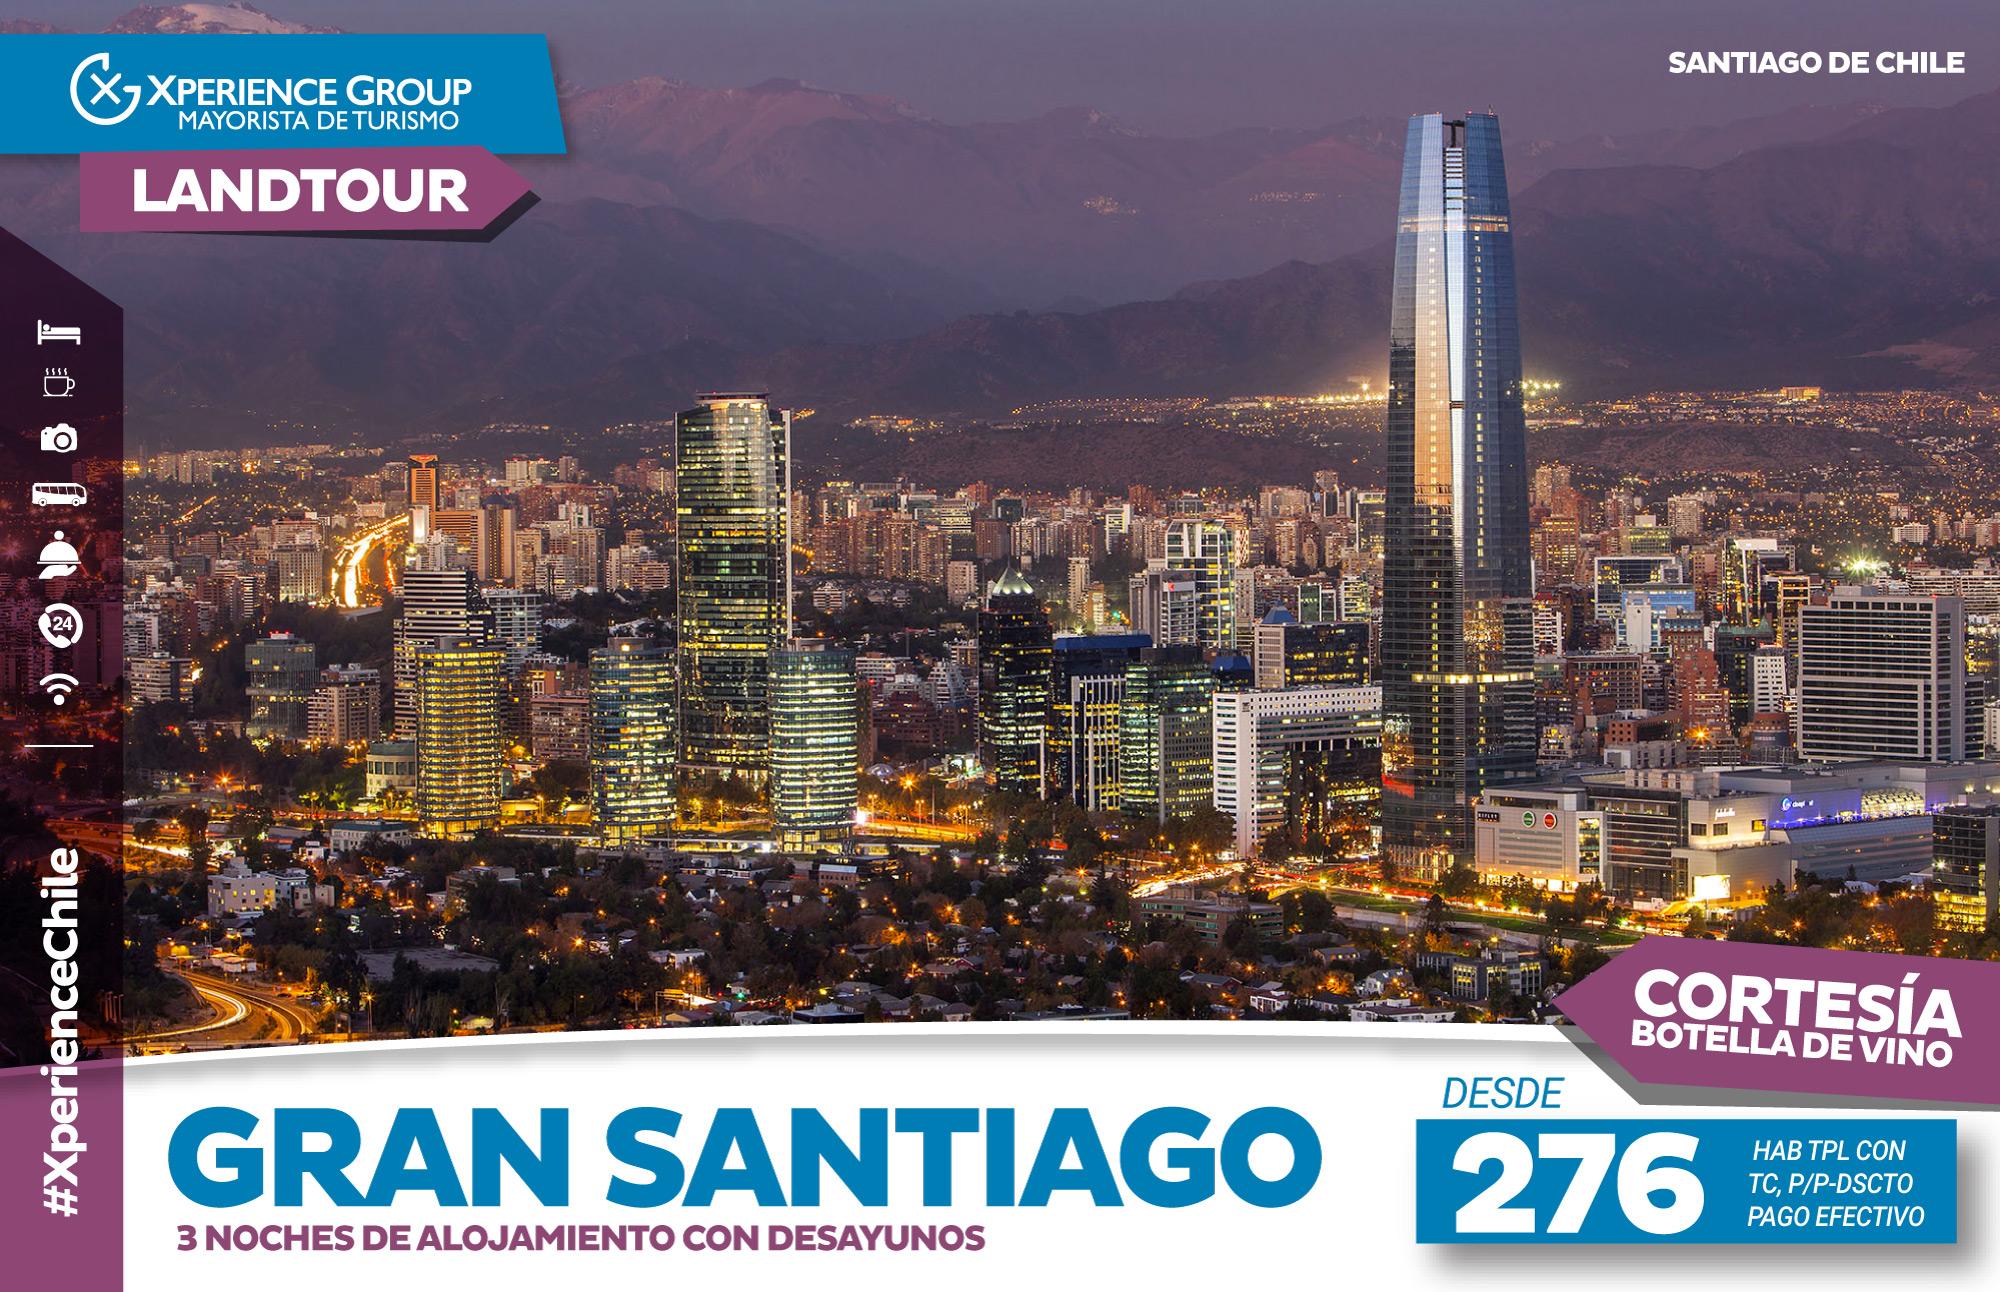 GRAN SANTIAGO (Landtour)